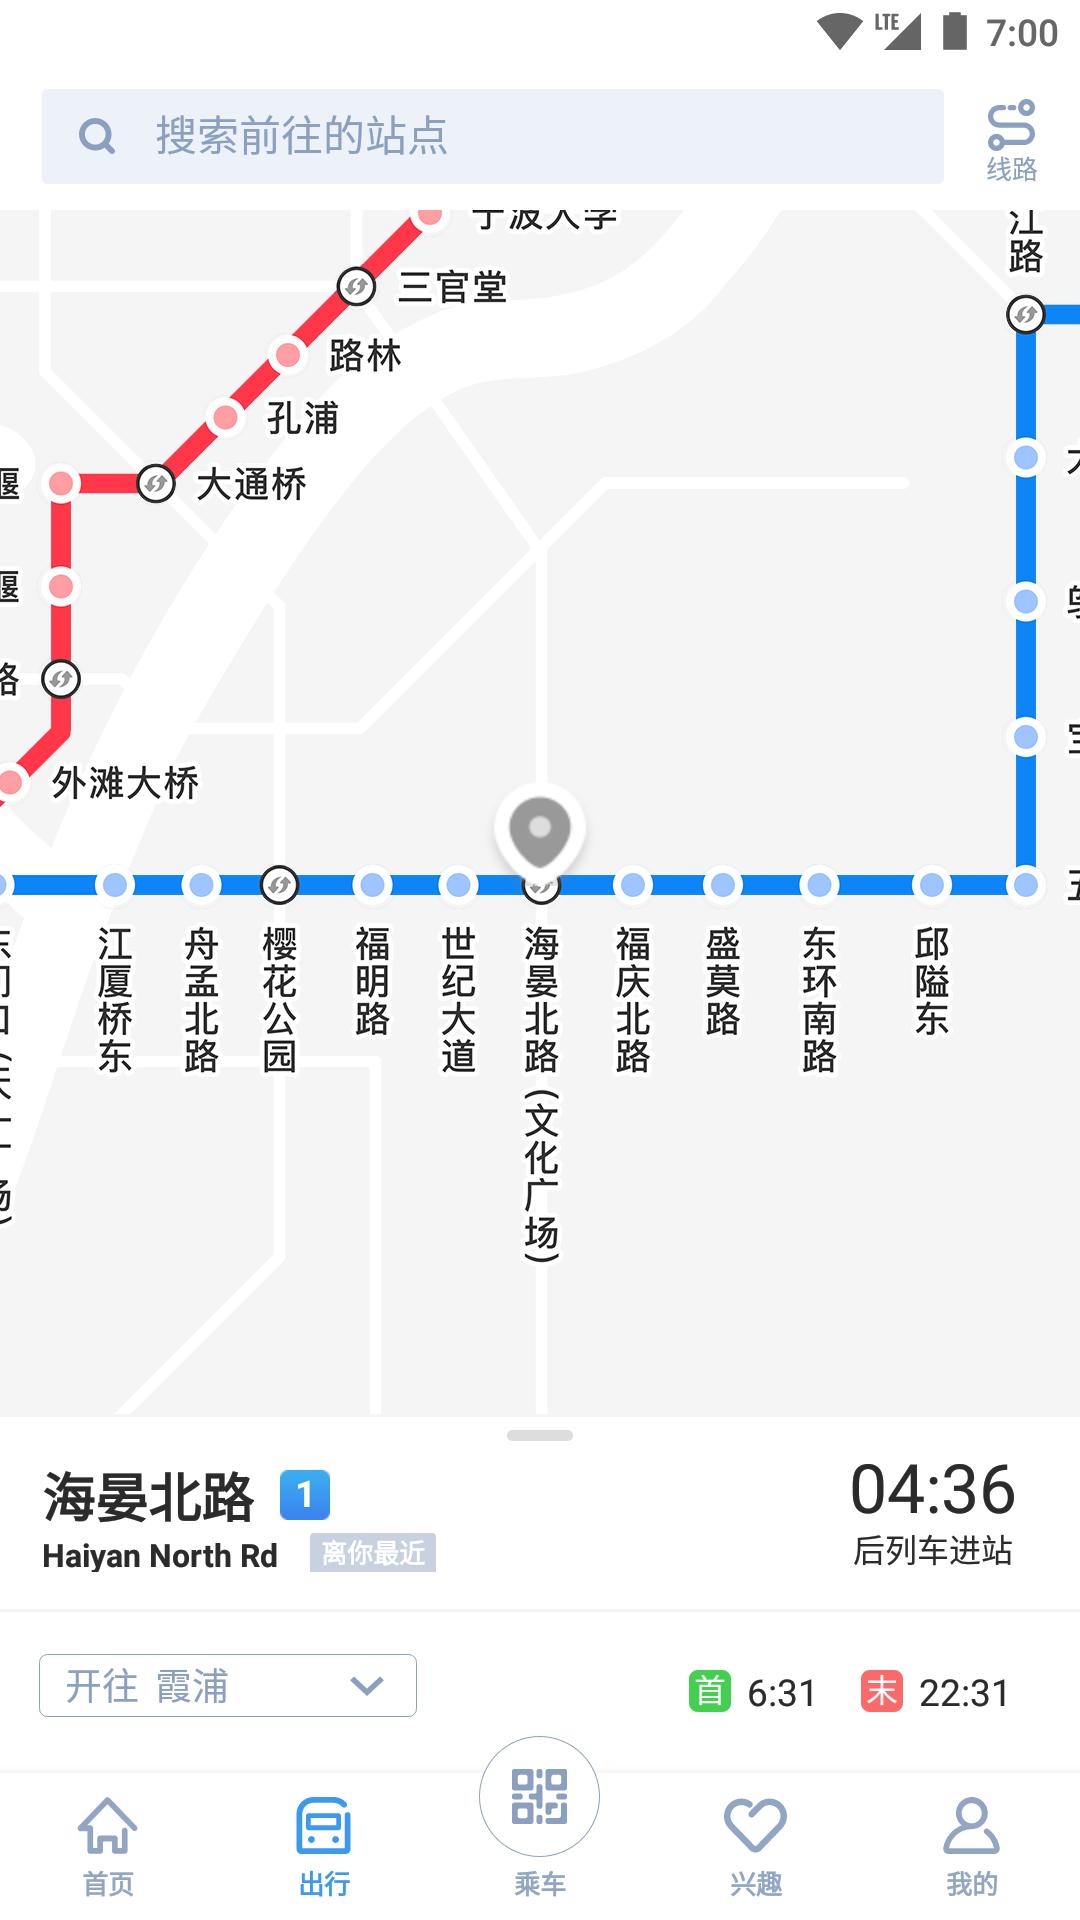 宁波地铁ios版 V3.0.17